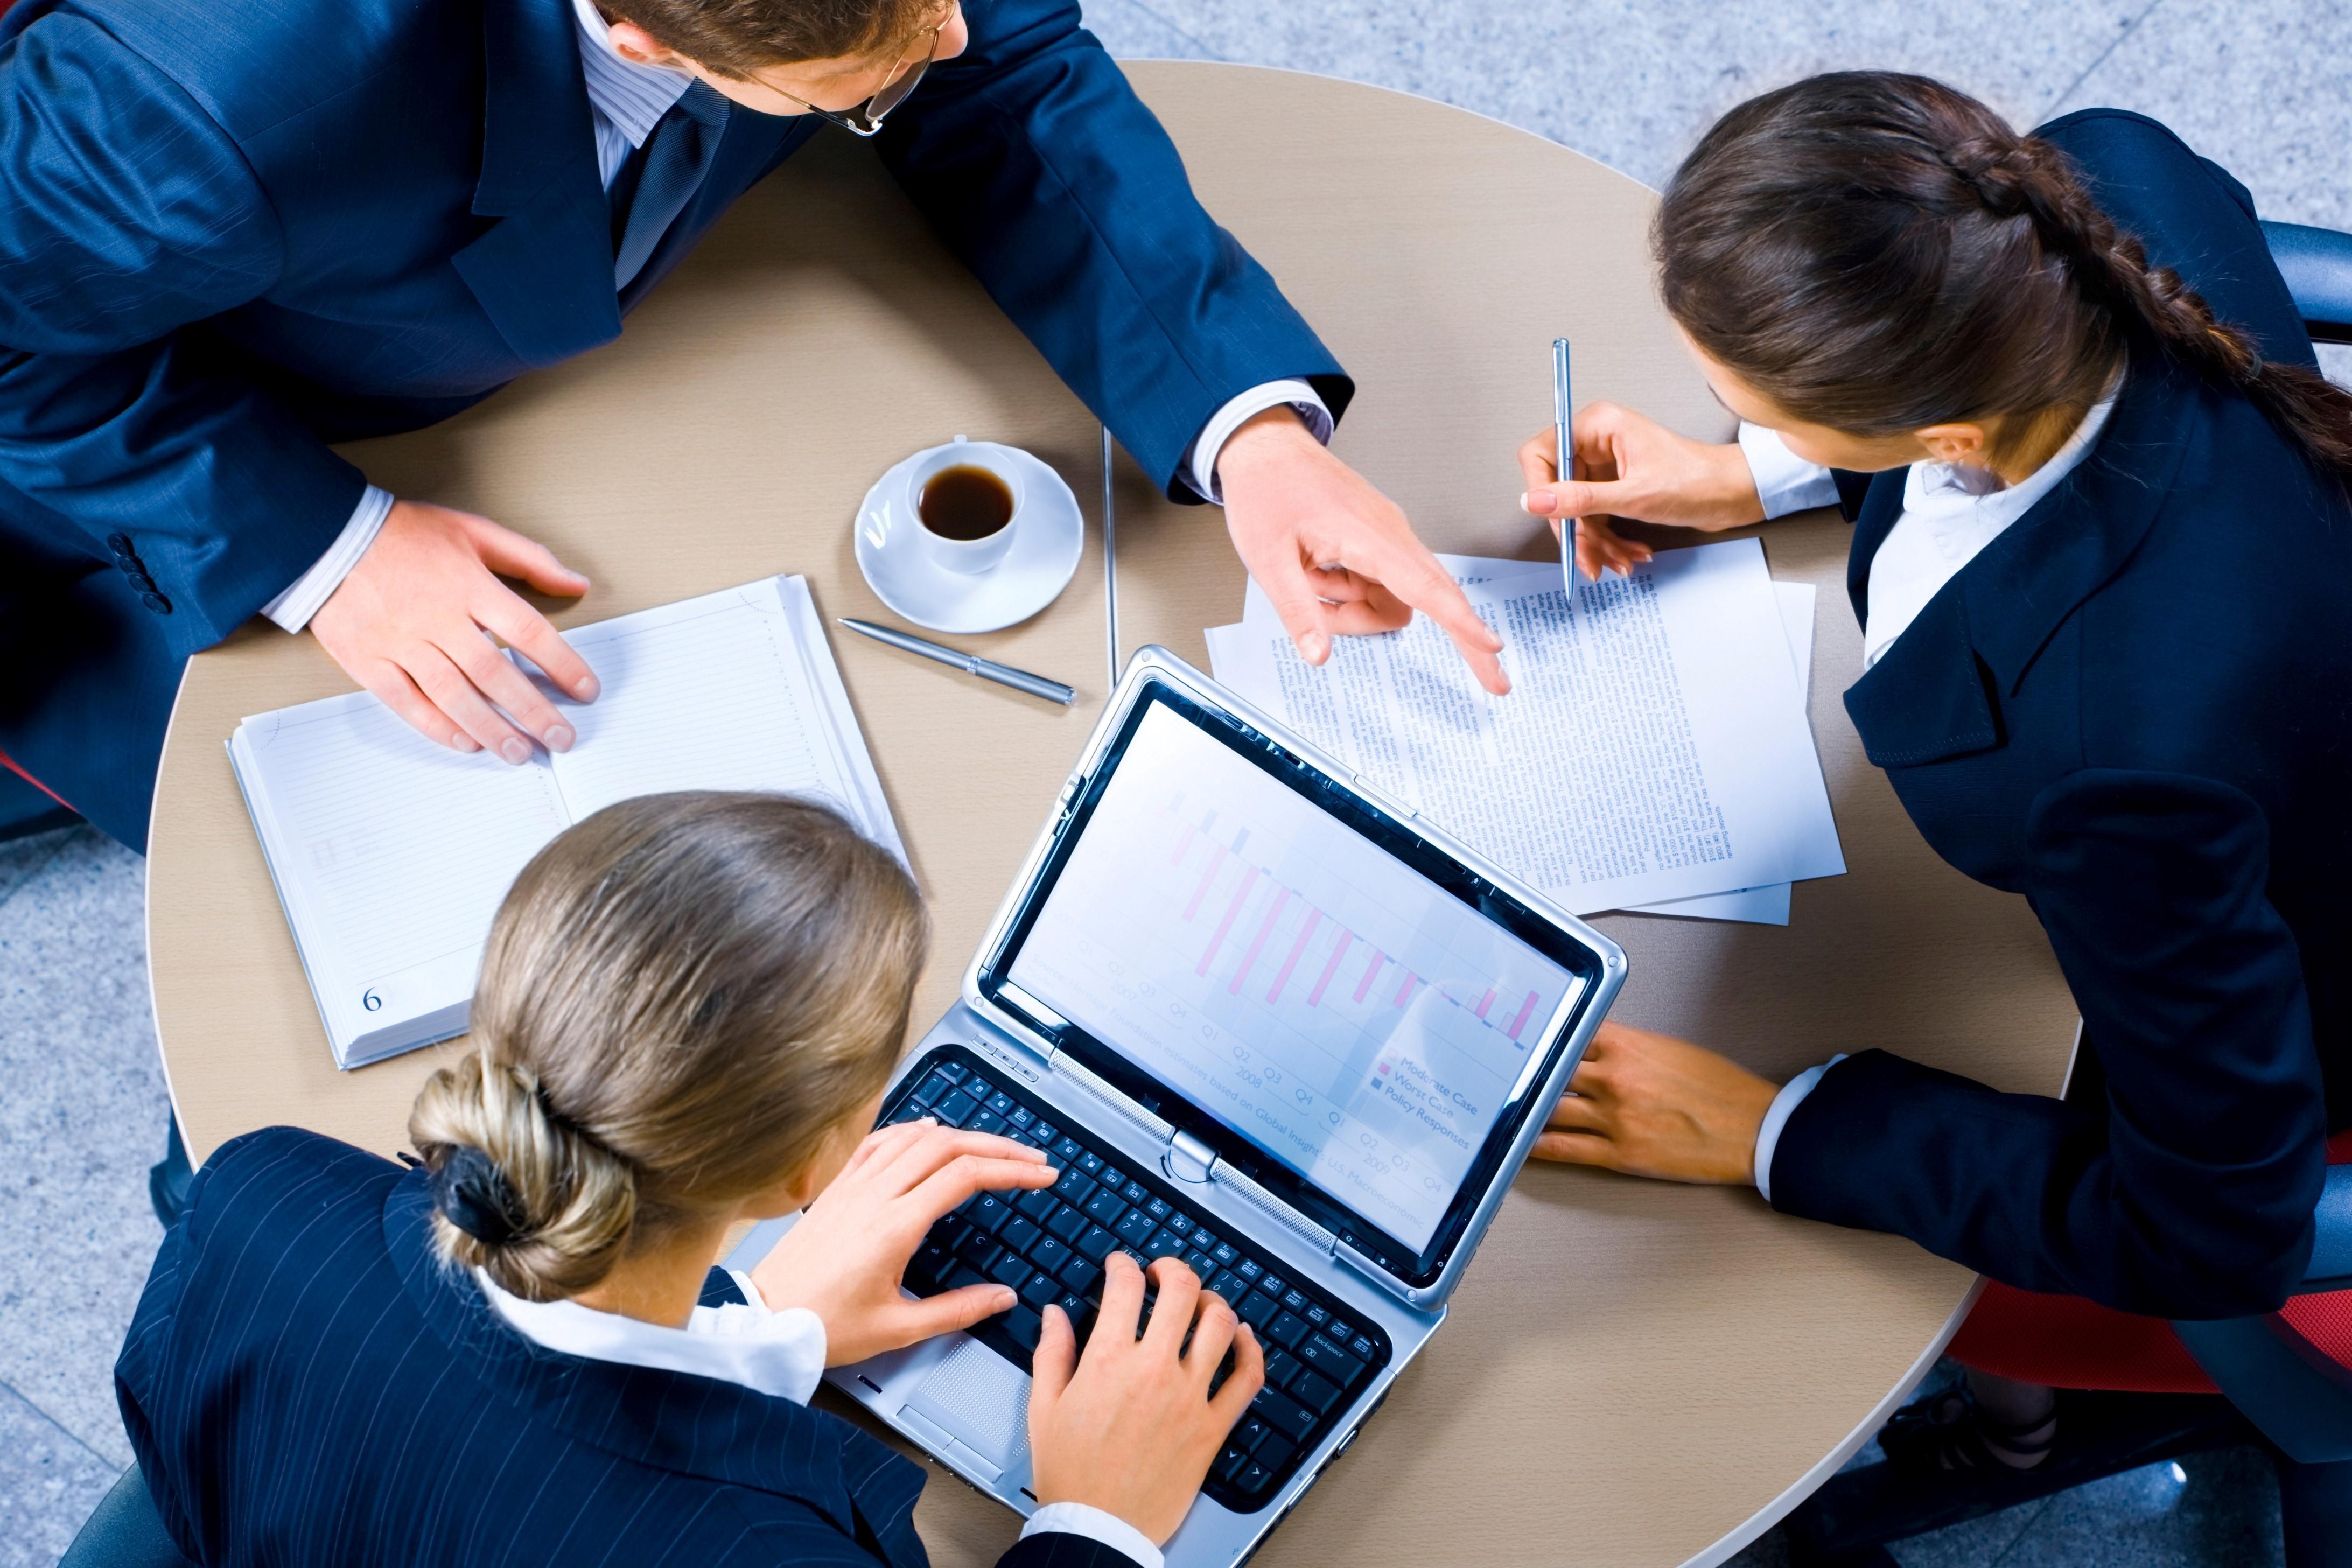 консультирование по кадровым вопросам